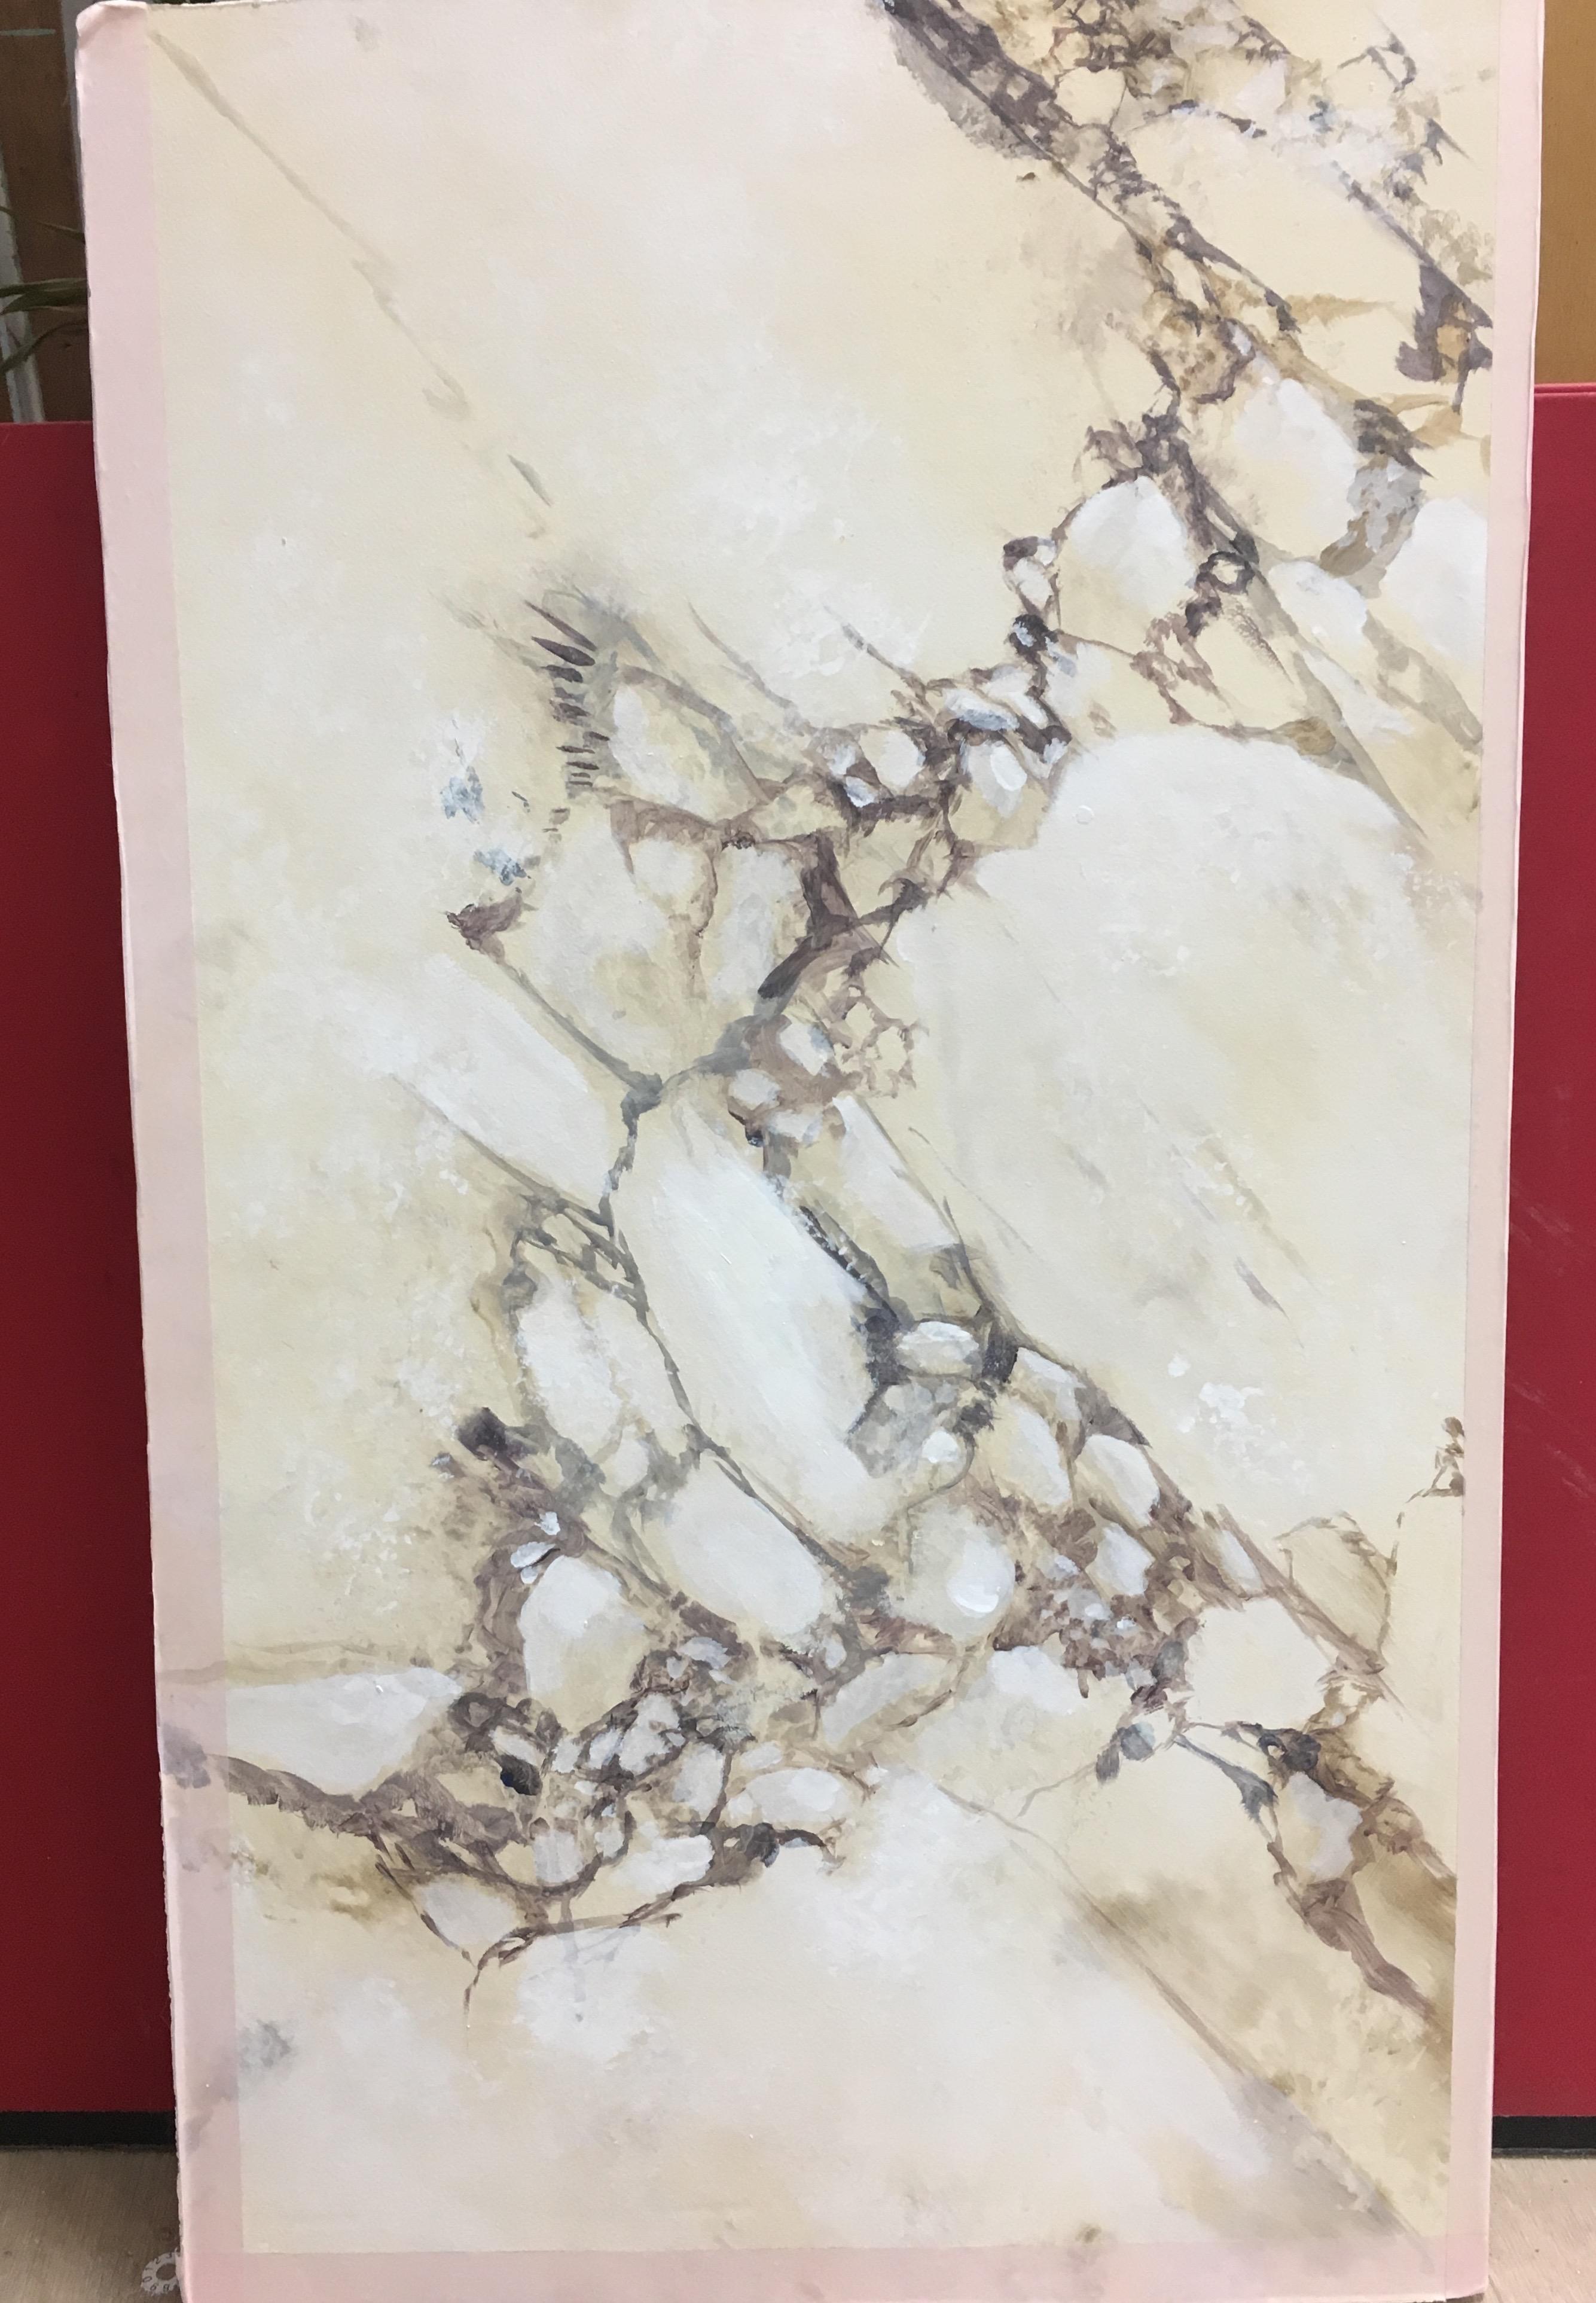 Echantillon de marbre.